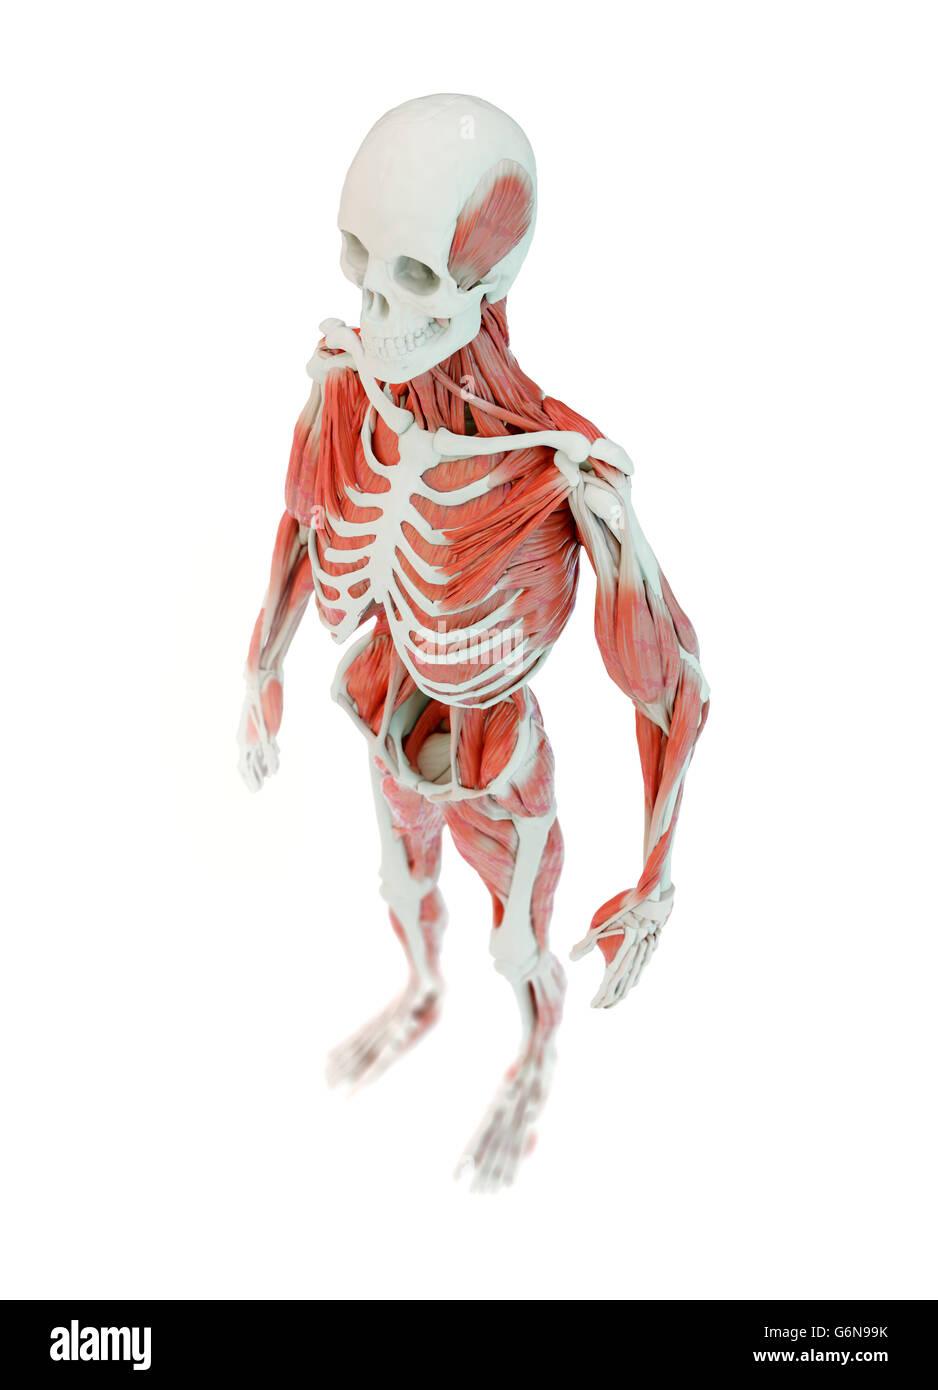 Detallada anatomía humana muscular profunda ilustración Imagen De Stock